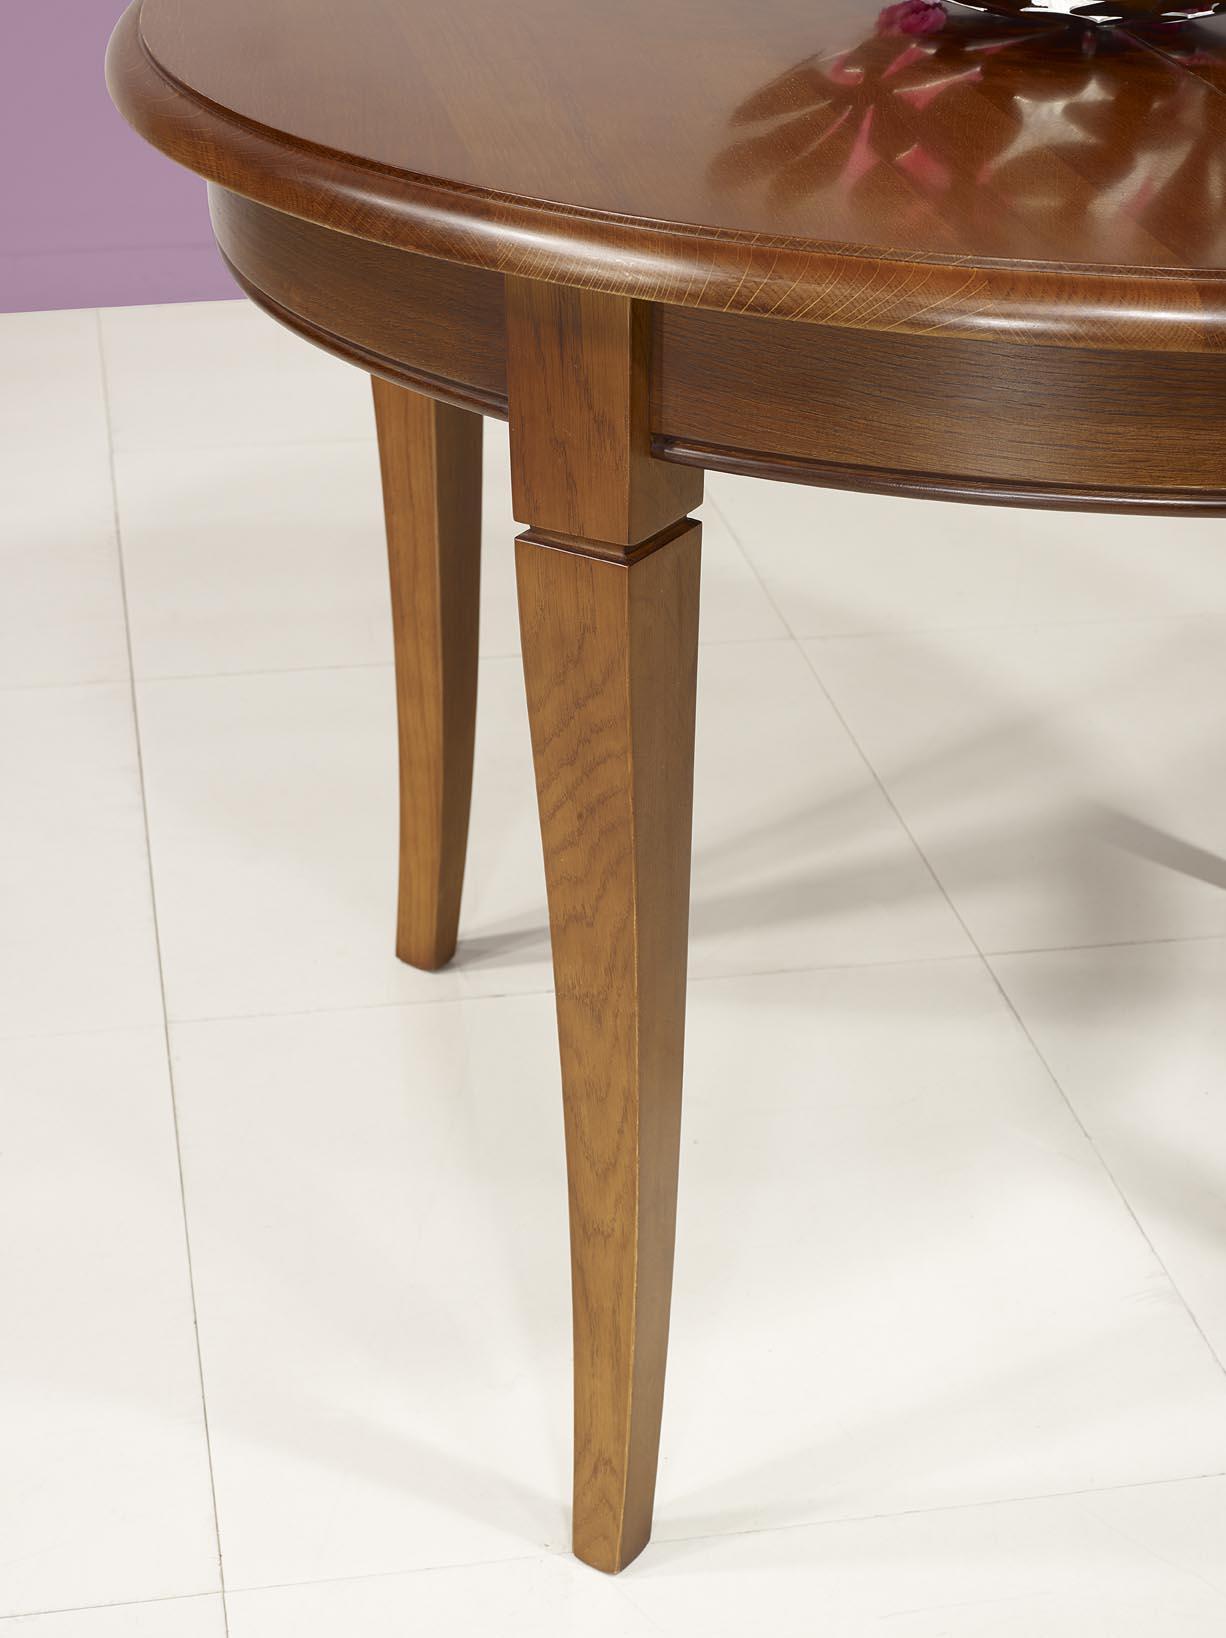 table ronde 4 pieds en ch ne massif de style louis philippe diam tre 100 1 allonge. Black Bedroom Furniture Sets. Home Design Ideas